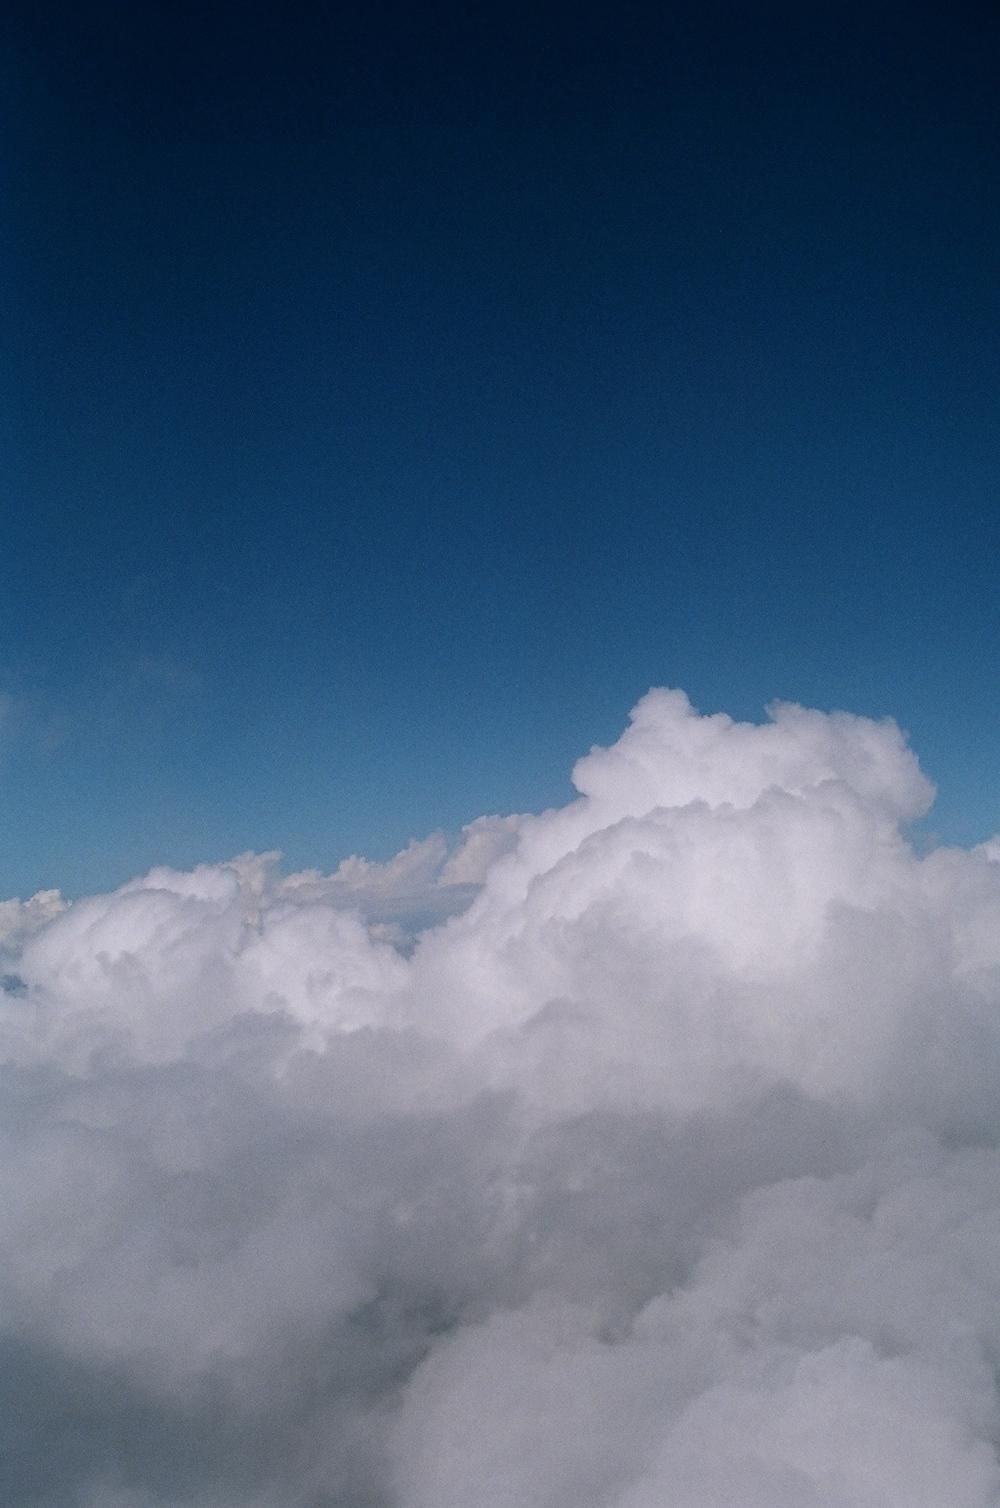 16890014.jpg